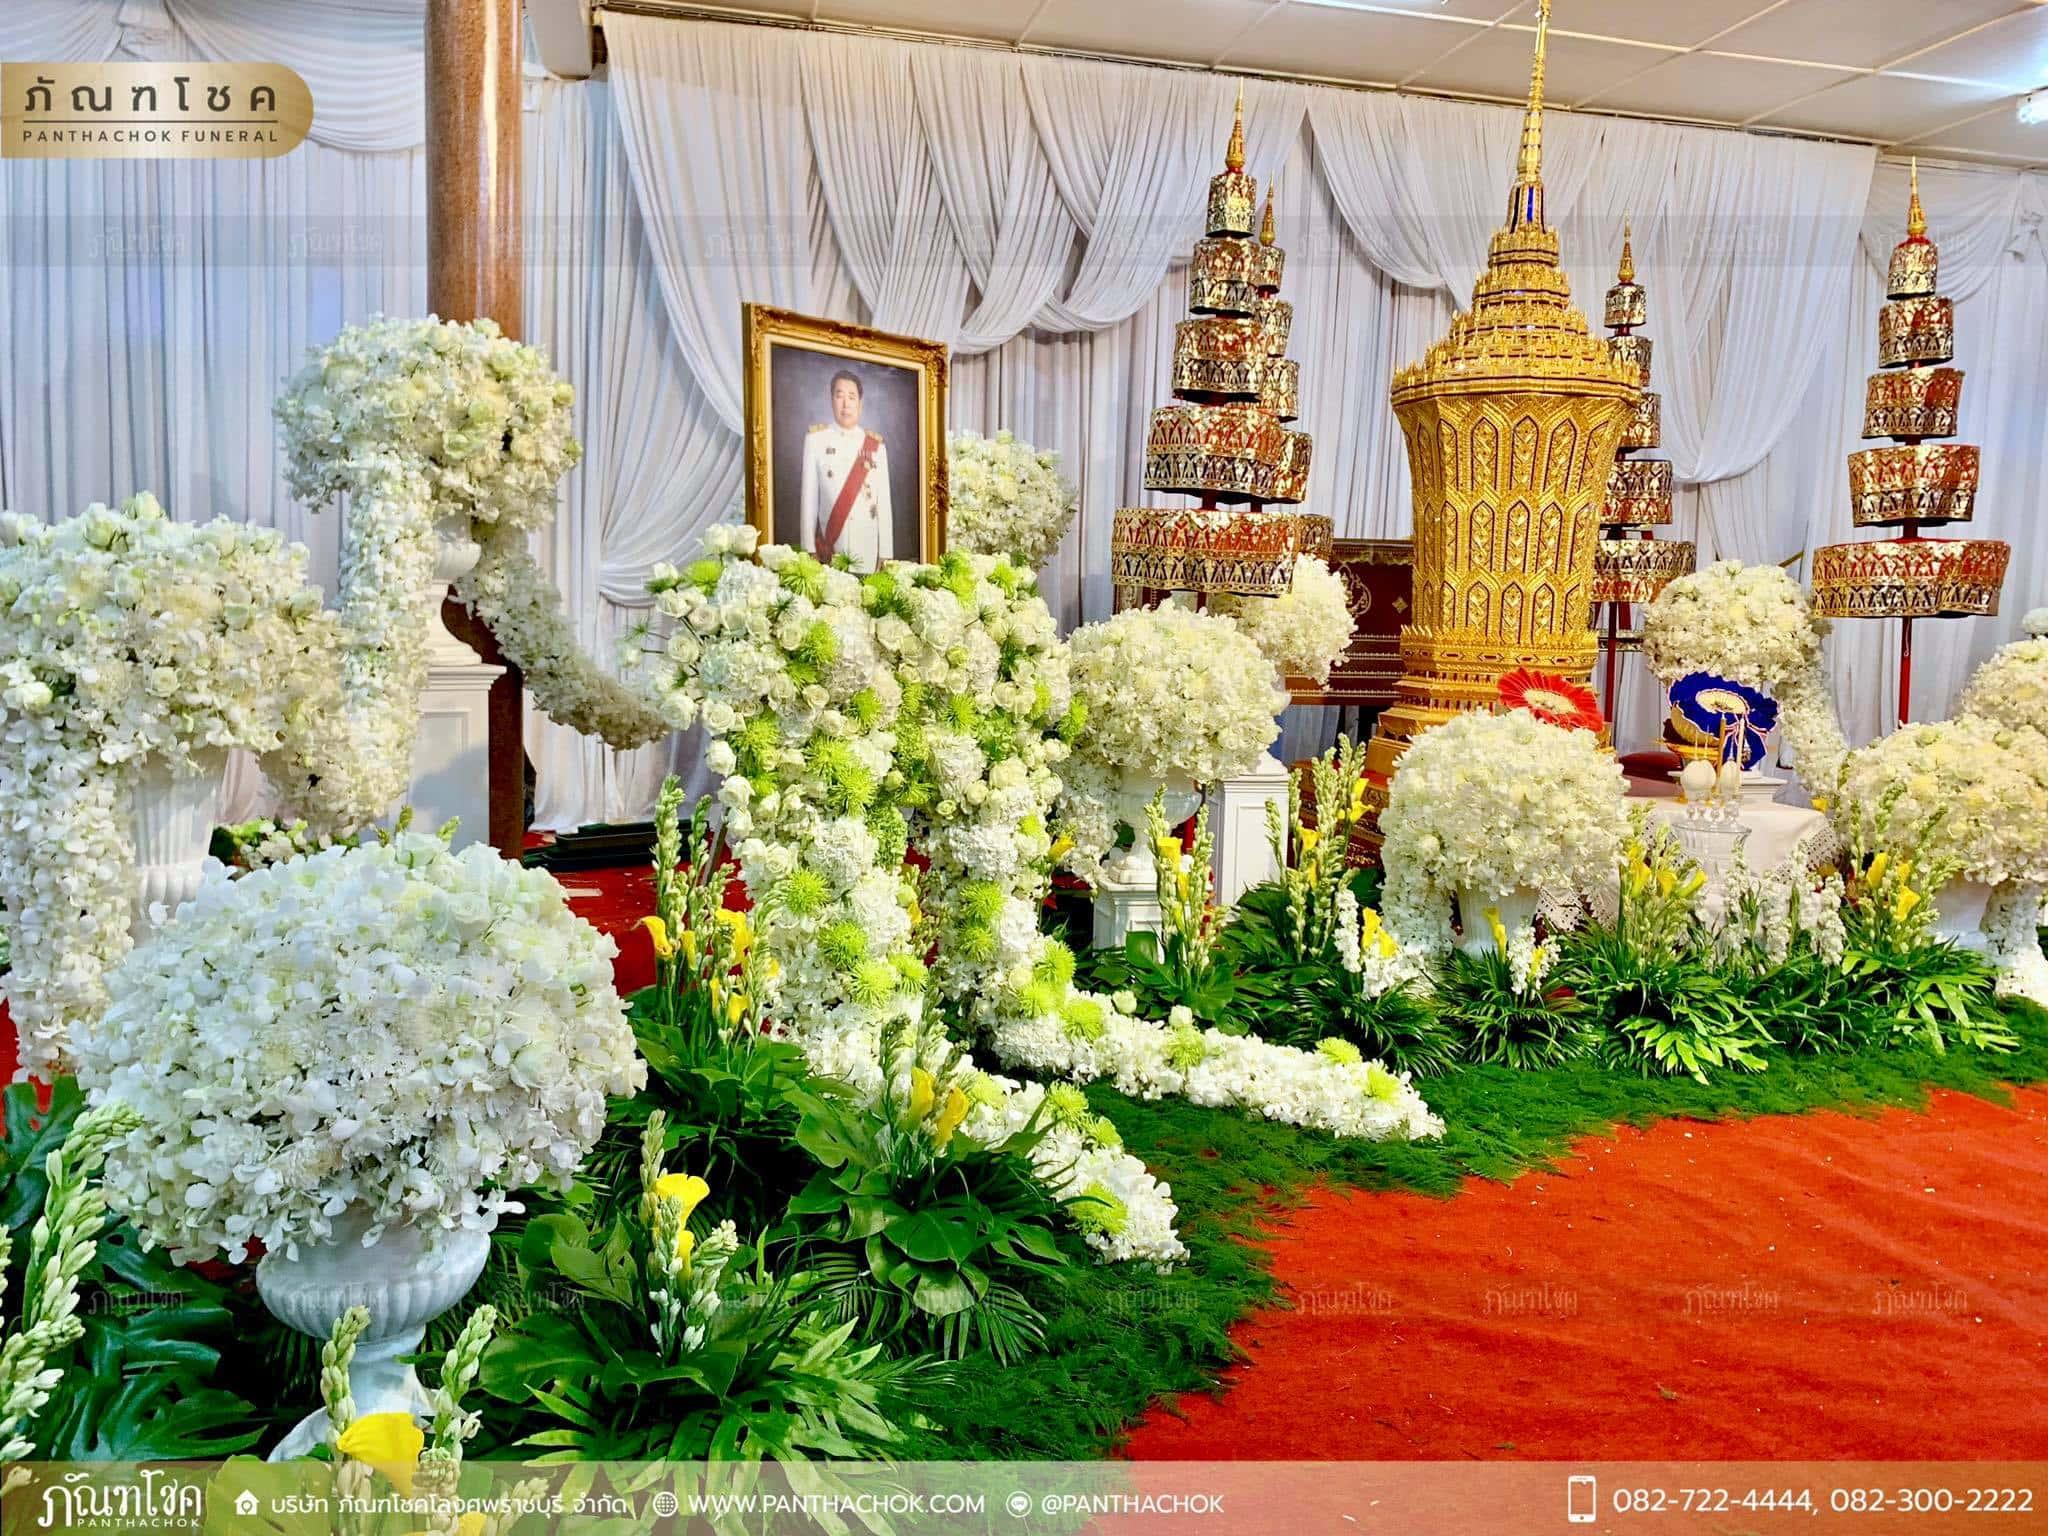 ดอกไม้ประดับหน้าโกศ อดีตผู้ว่าราชการจังหวัดราชบุรี 20